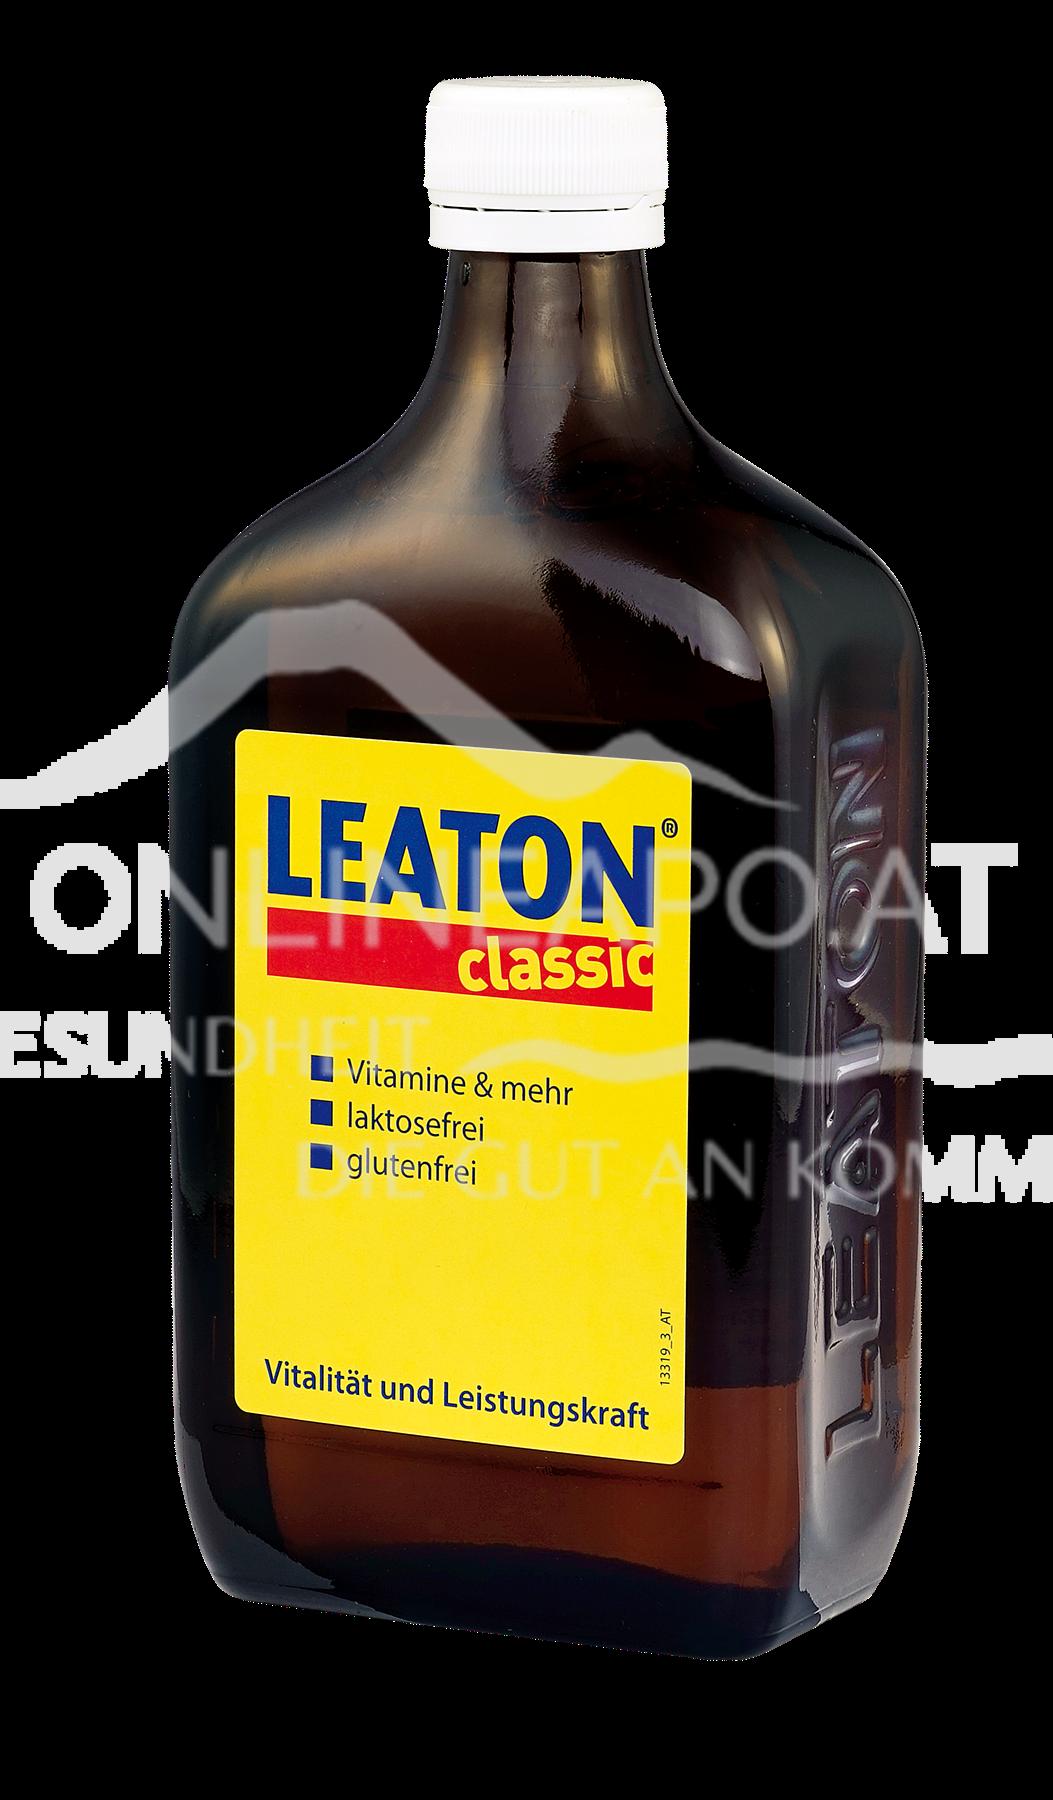 LEATON® classic